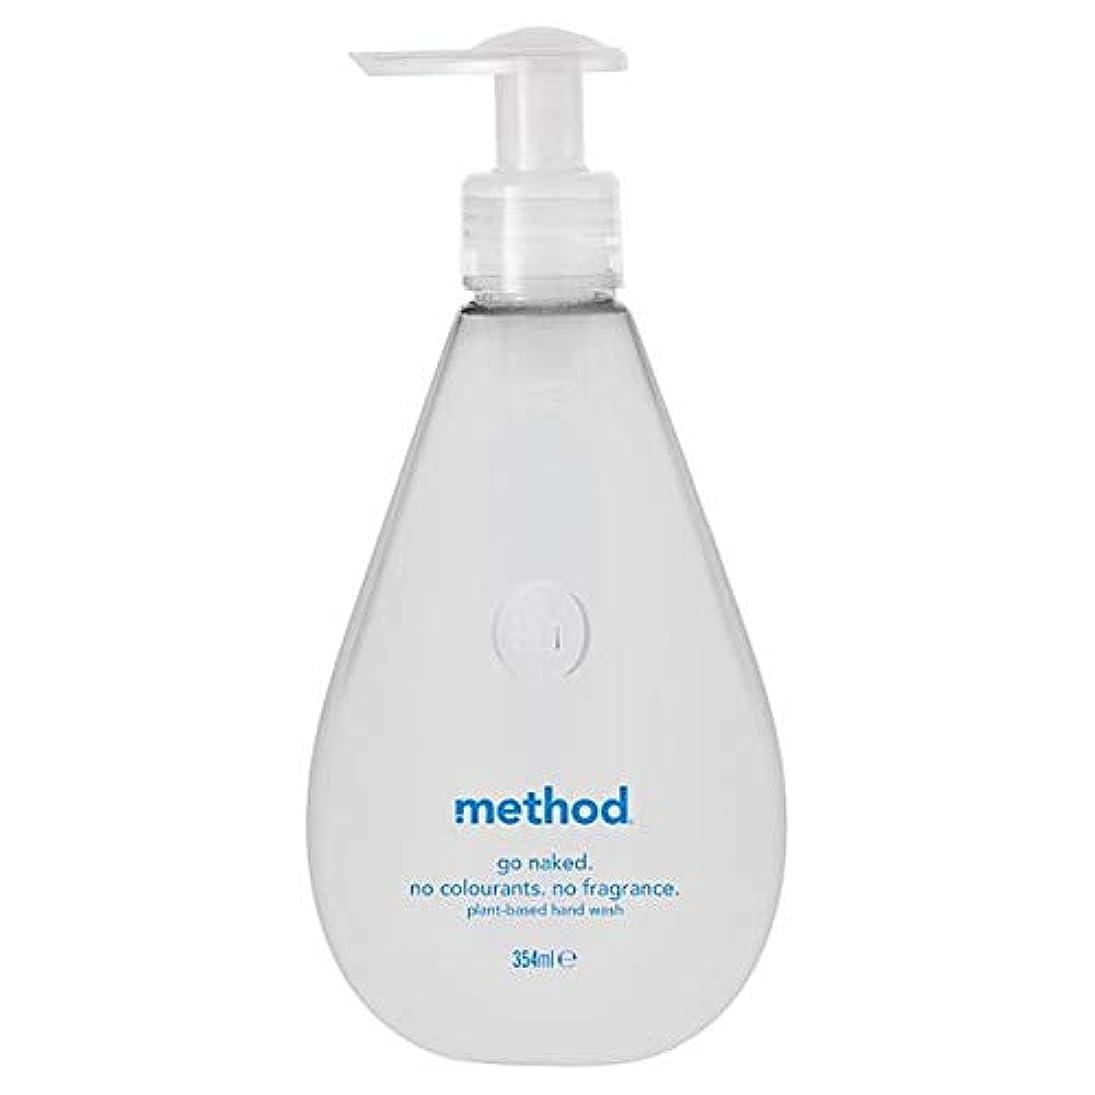 むしゃむしゃ移動振る舞い[Method ] 方法裸手洗いゲル354ミリリットル - Method Naked Hand Wash Gel 354Ml [並行輸入品]